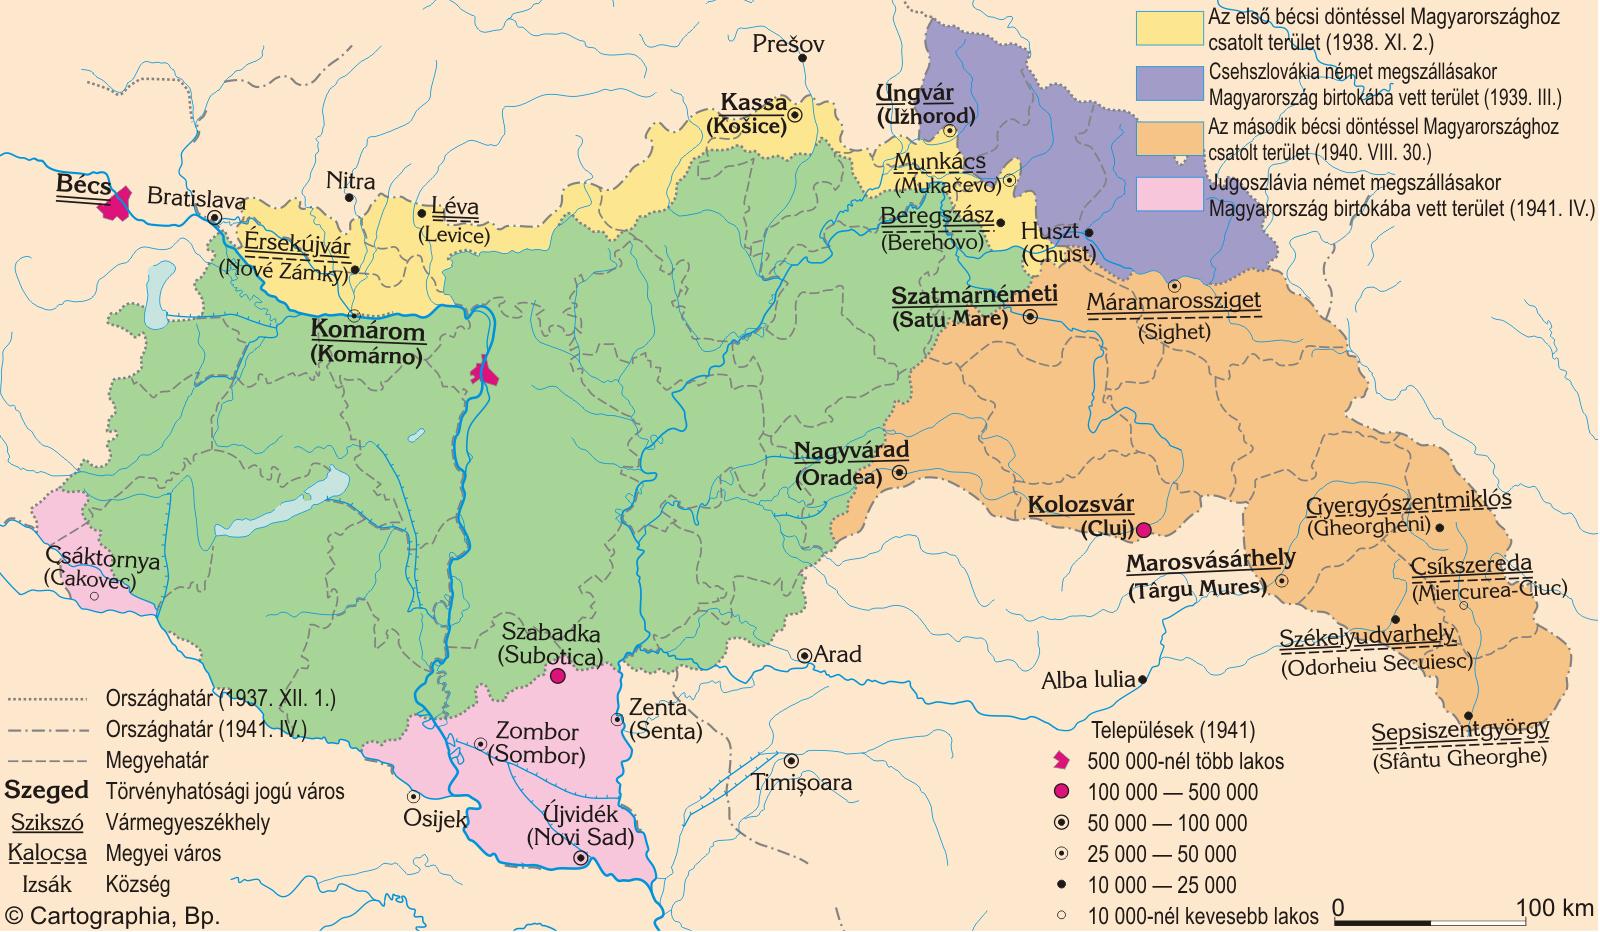 Magyarországhoz visszacsatolt területek 1938-1941